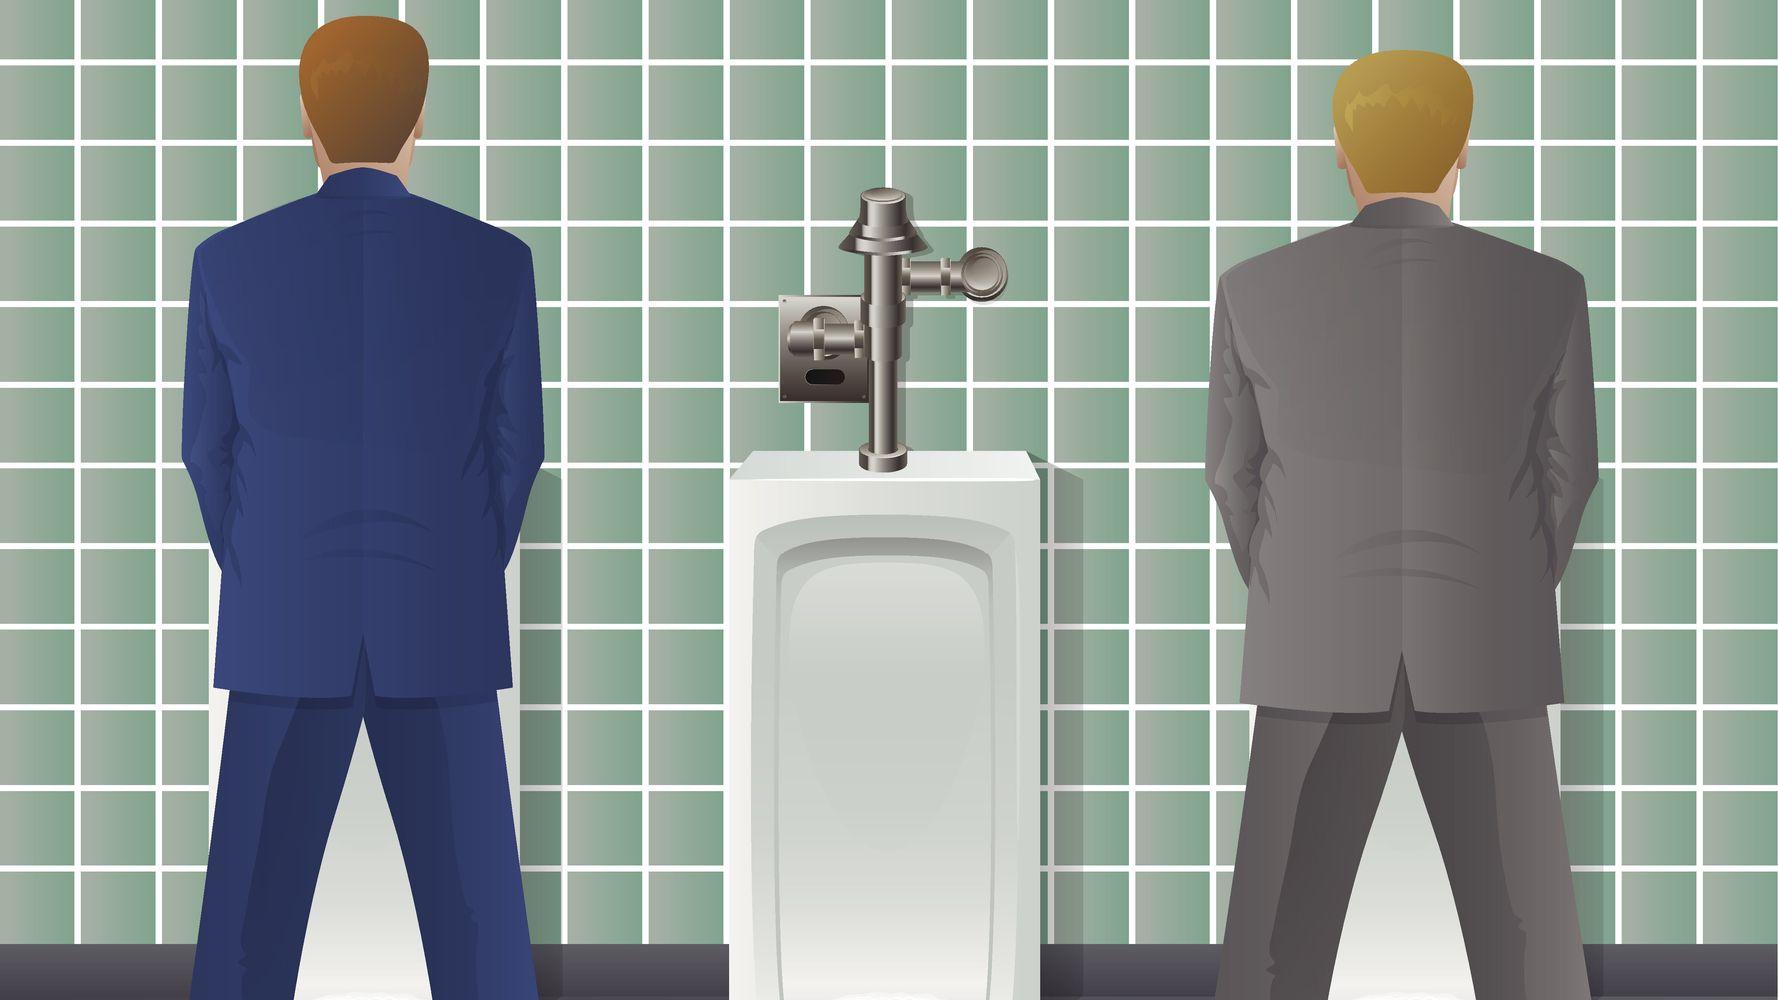 Comment réagir quand le boss veut vous parler aux toilettes?